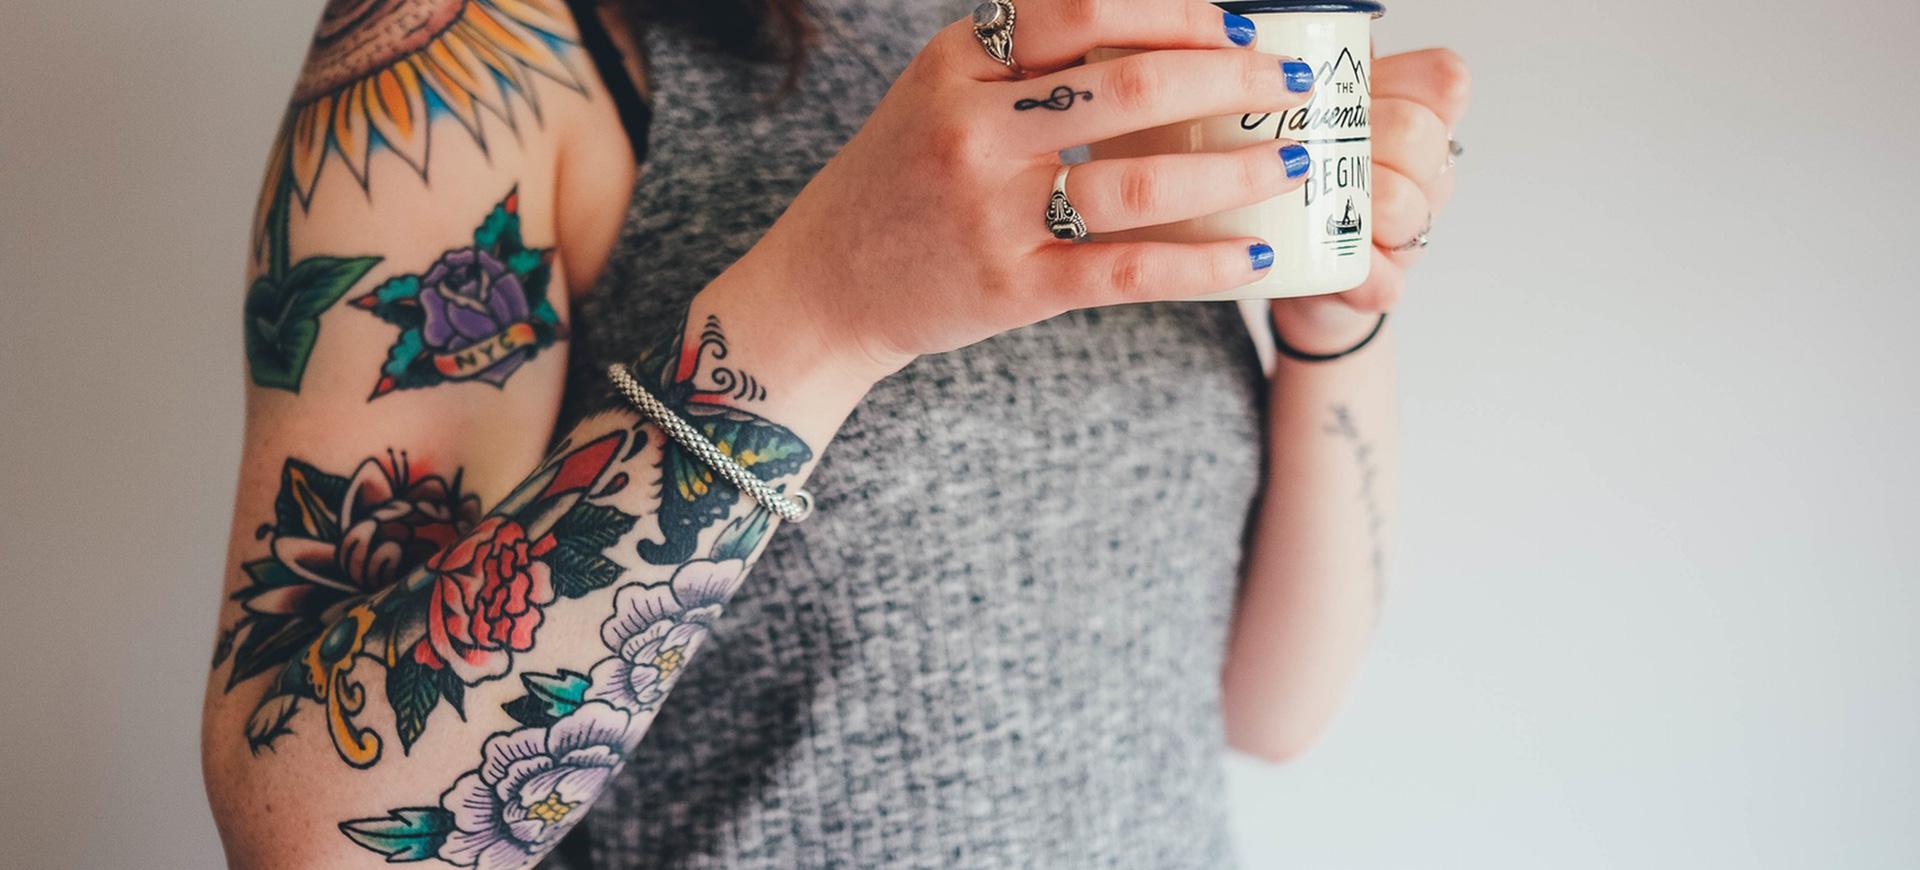 Ska du tatuera in en text eller ett annat tatueringsmotiv? Läs det här